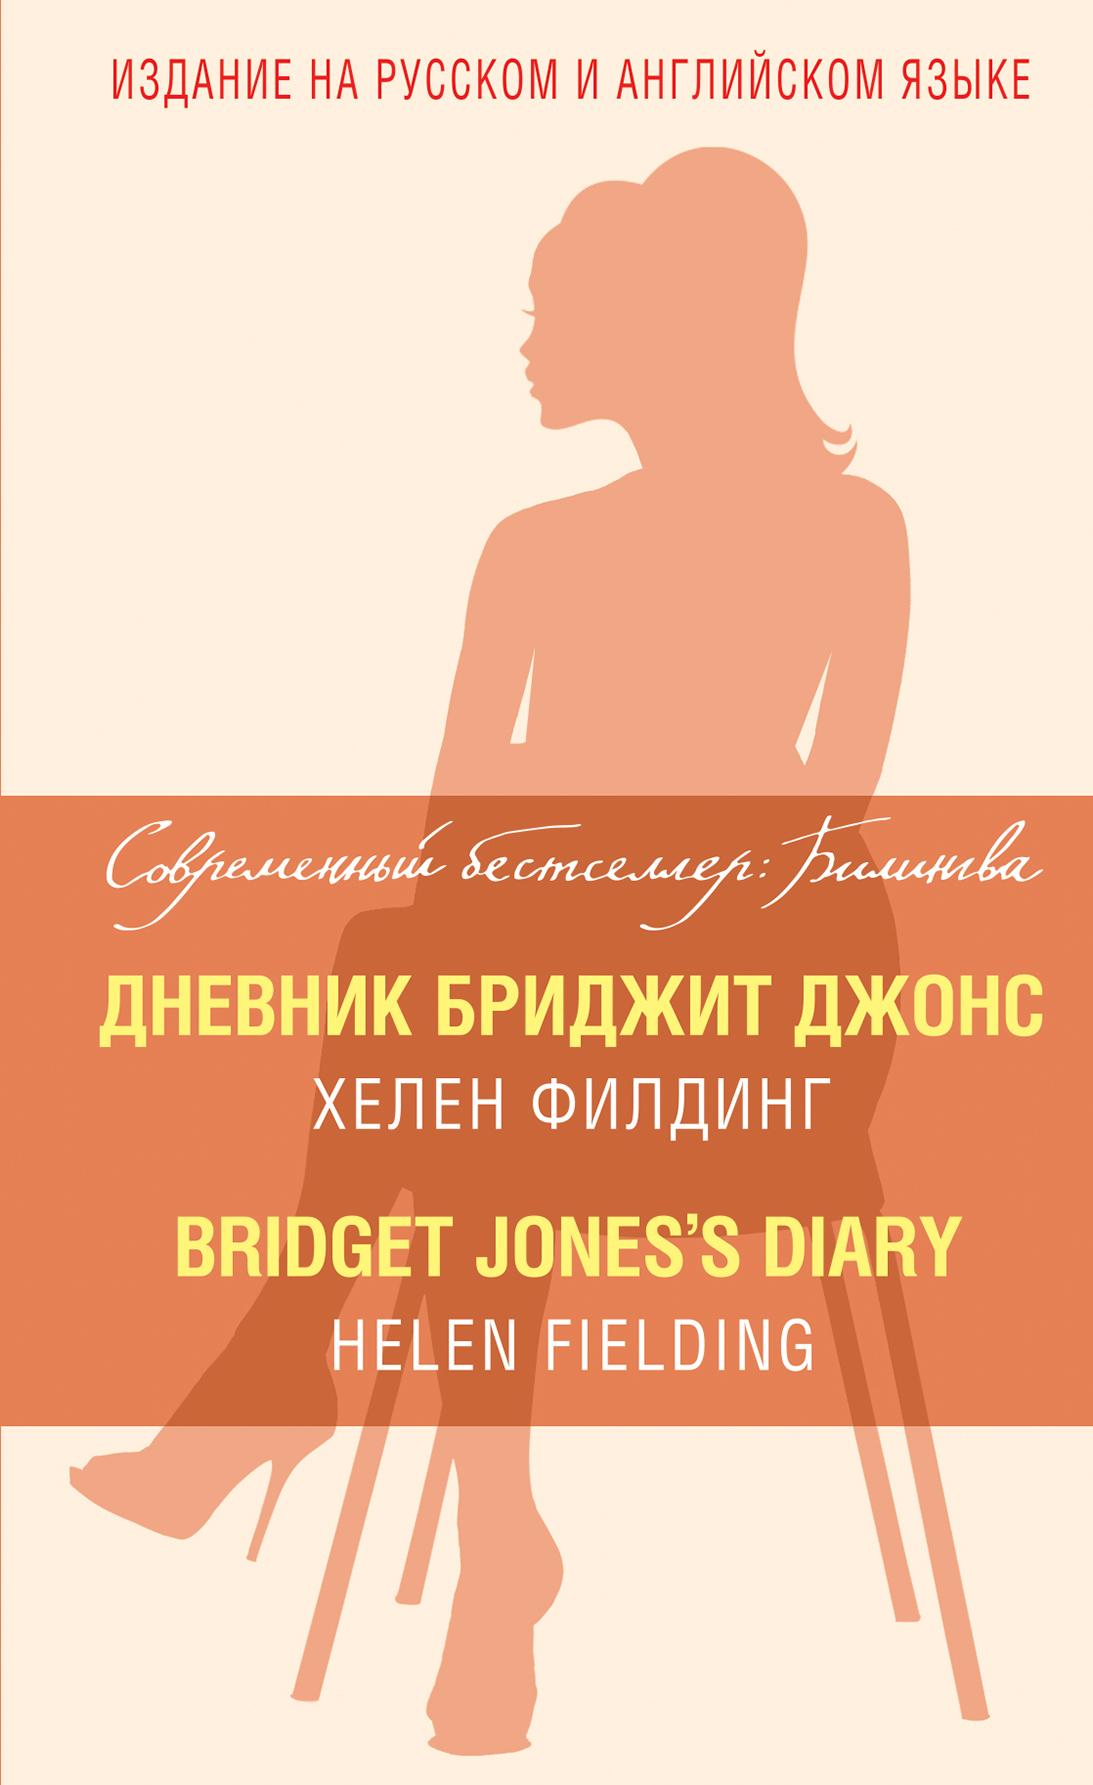 Хелен Филдинг Дневник Бриджит Джонс = Bridget Jones's Diary филдинг хелен дневник бриджит джонс bridget jones s diary билингва